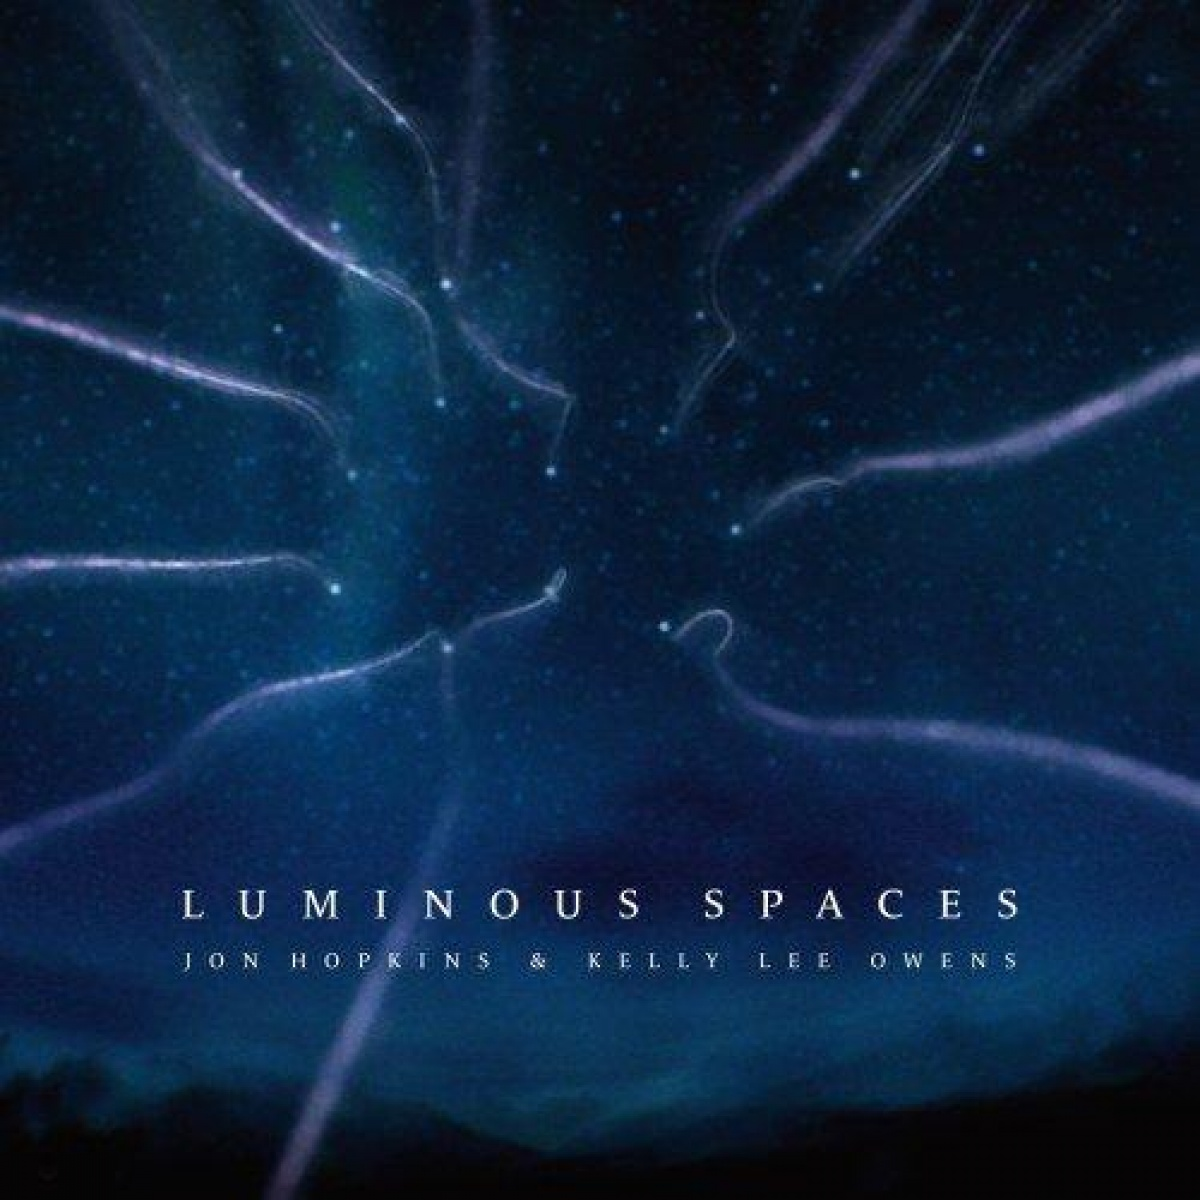 Luminous Spaces